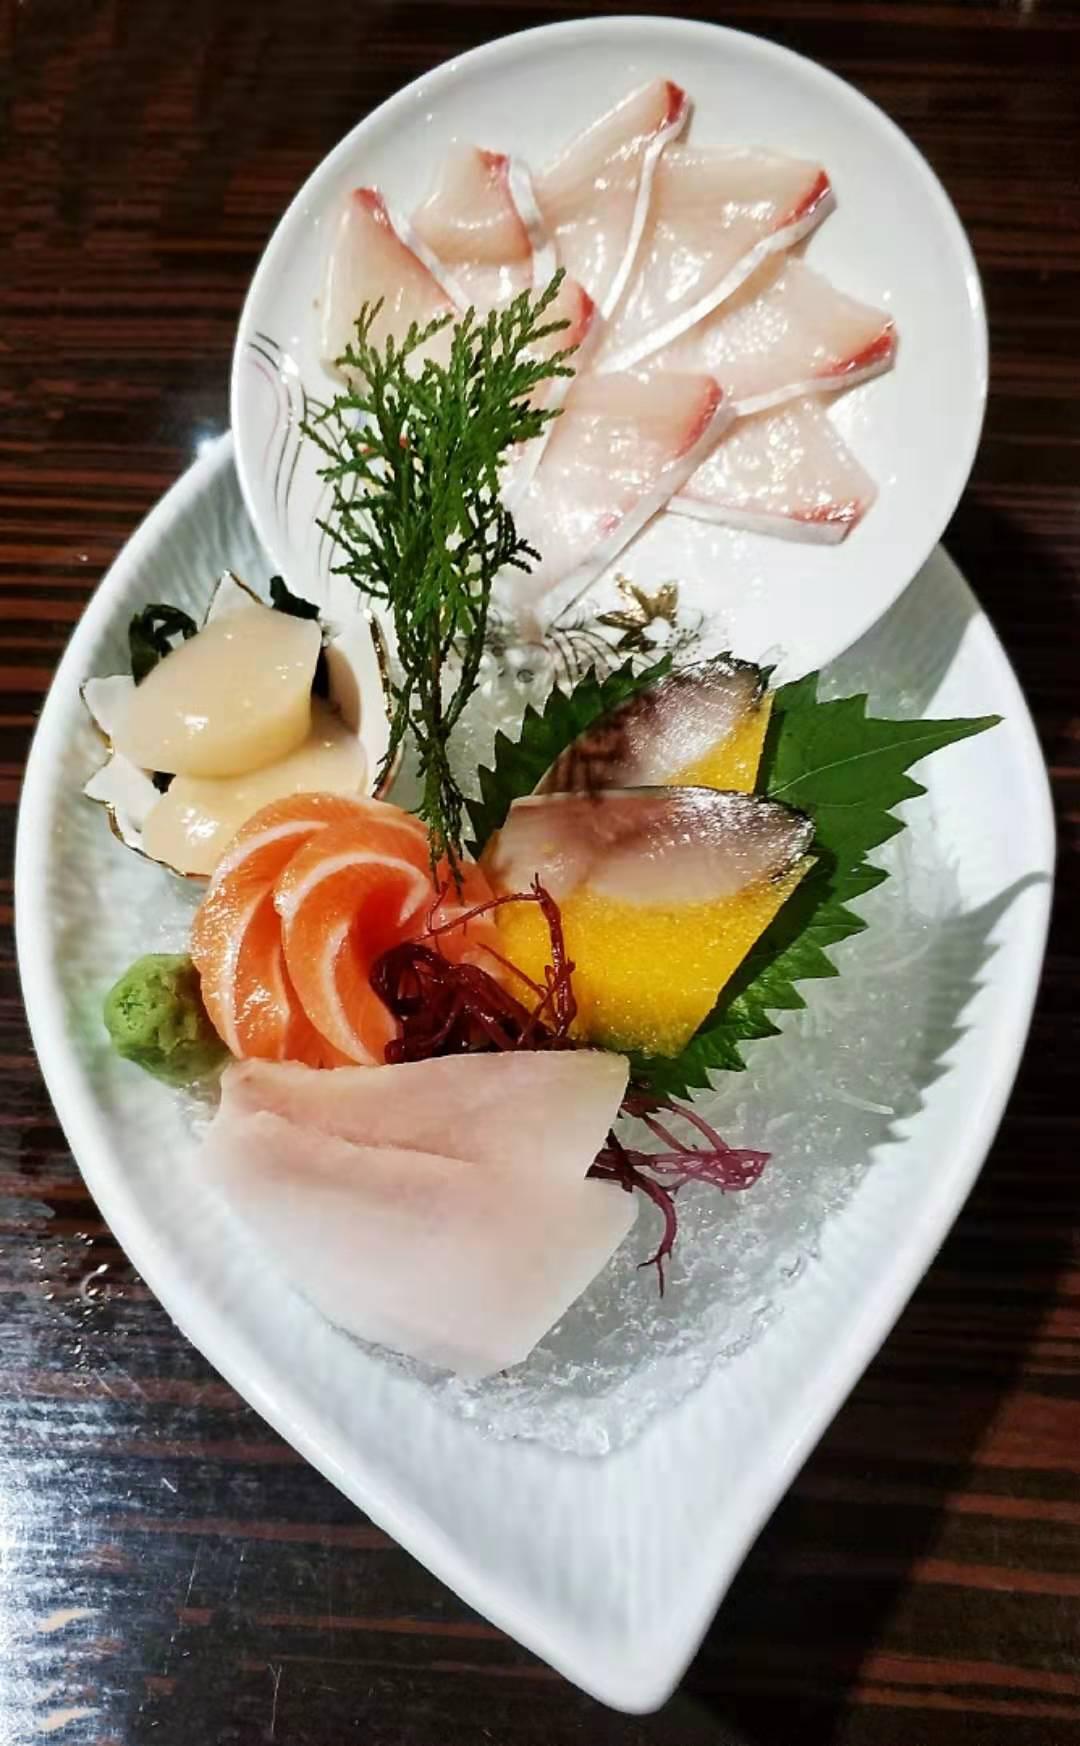 200+日料套餐,带子三文鱼刺身好新鲜